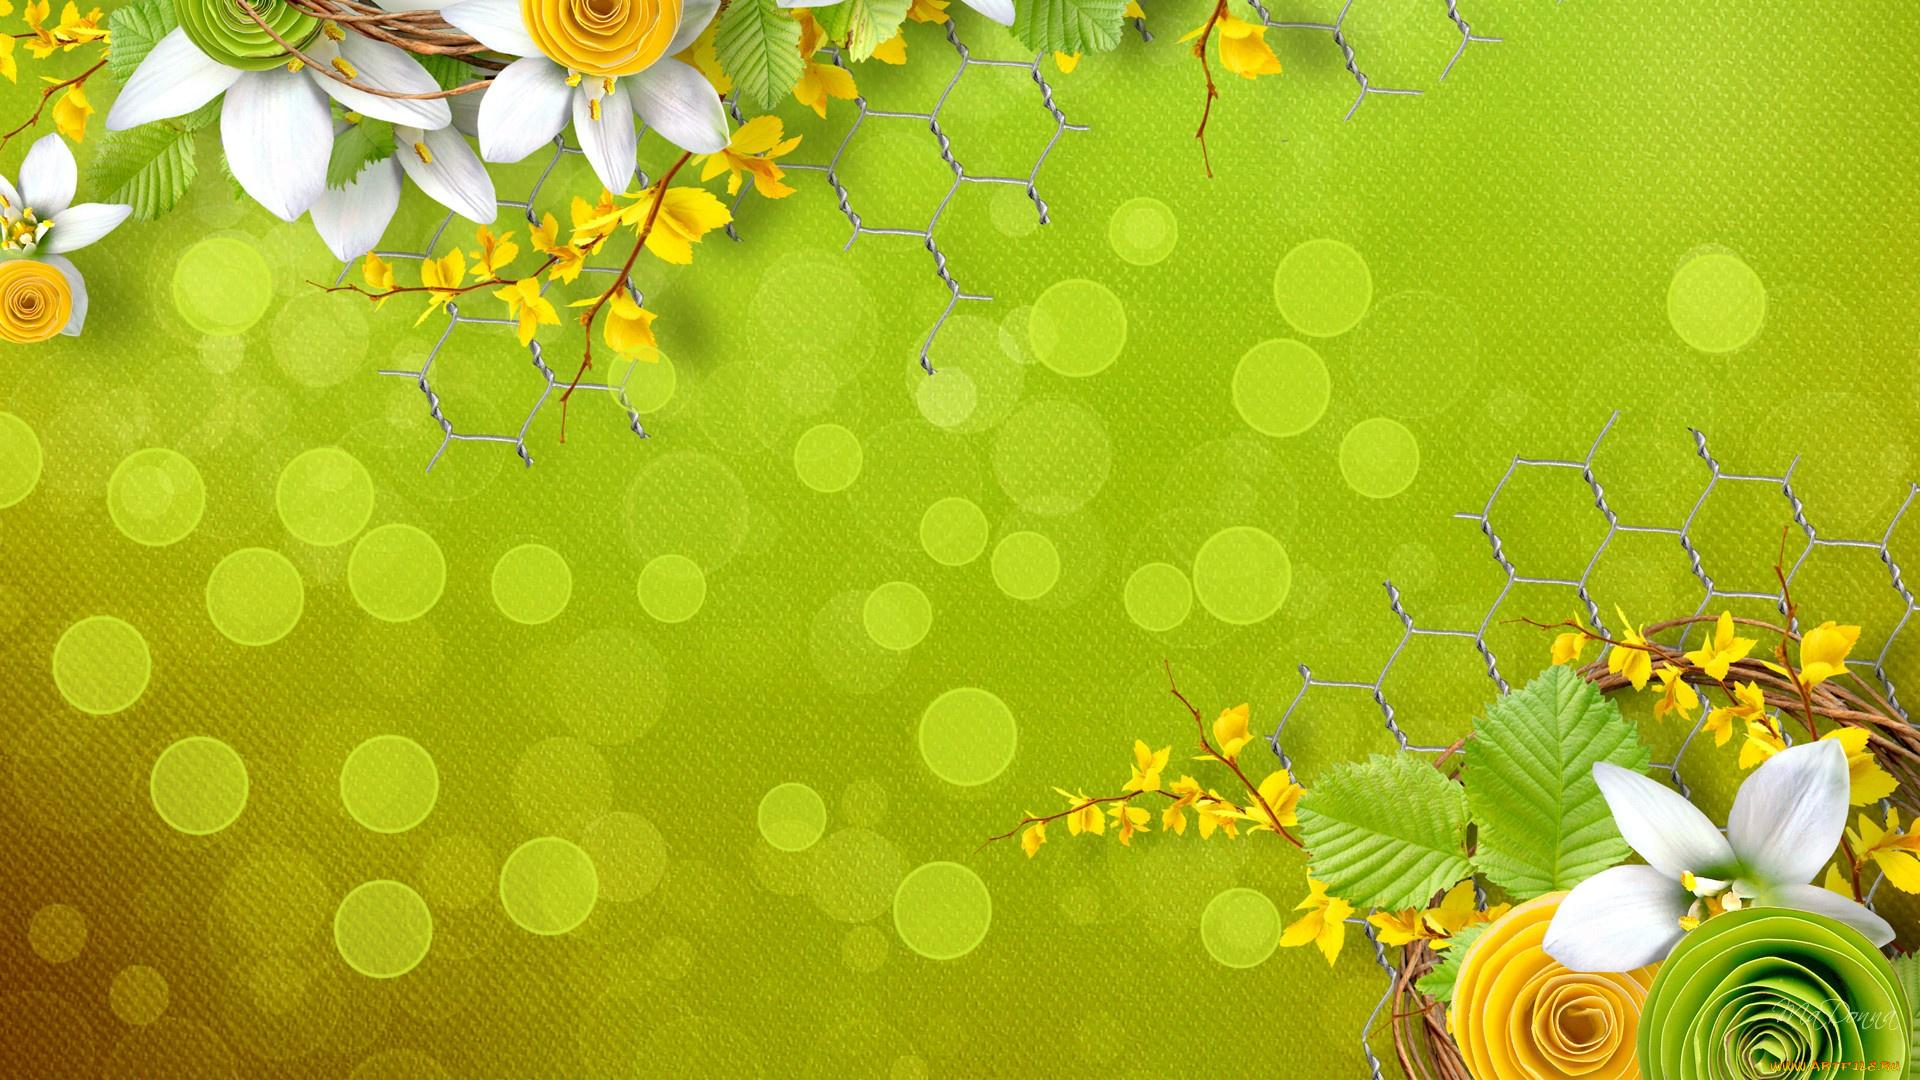 Желто-зеленый фон для открытки, открытки днем